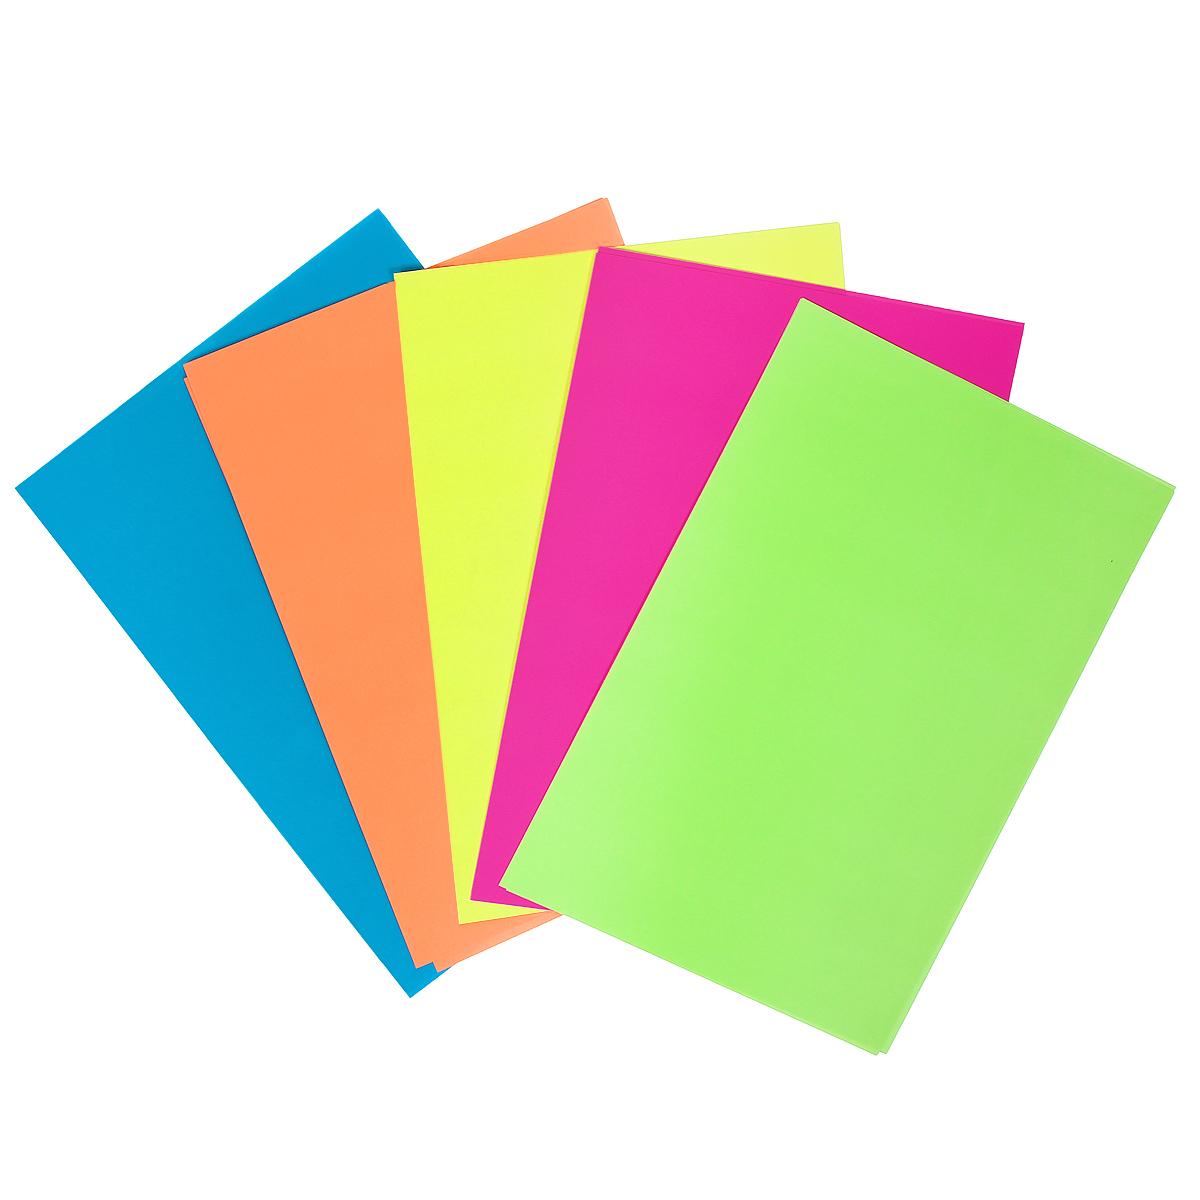 Набор цветного флуоресцентного картона позволит создавать всевозможные аппликации и поделки. Набор состоит из 10 листов желтого, оранжевого, розового, синего и зеленого цветов. Благодаря нанесению на листы особого состава, в темное время суток поделки из флуоресцентного картона излучают легкое сияние, что смотрится особенно нарядно. На обратной стороне папки приводится инструкции с фотографиями и рисунками по изготовлению поделок. Создание поделок из цветного картона позволяет ребенку развивать творческие способности, кроме того, это увлекательный досуг.